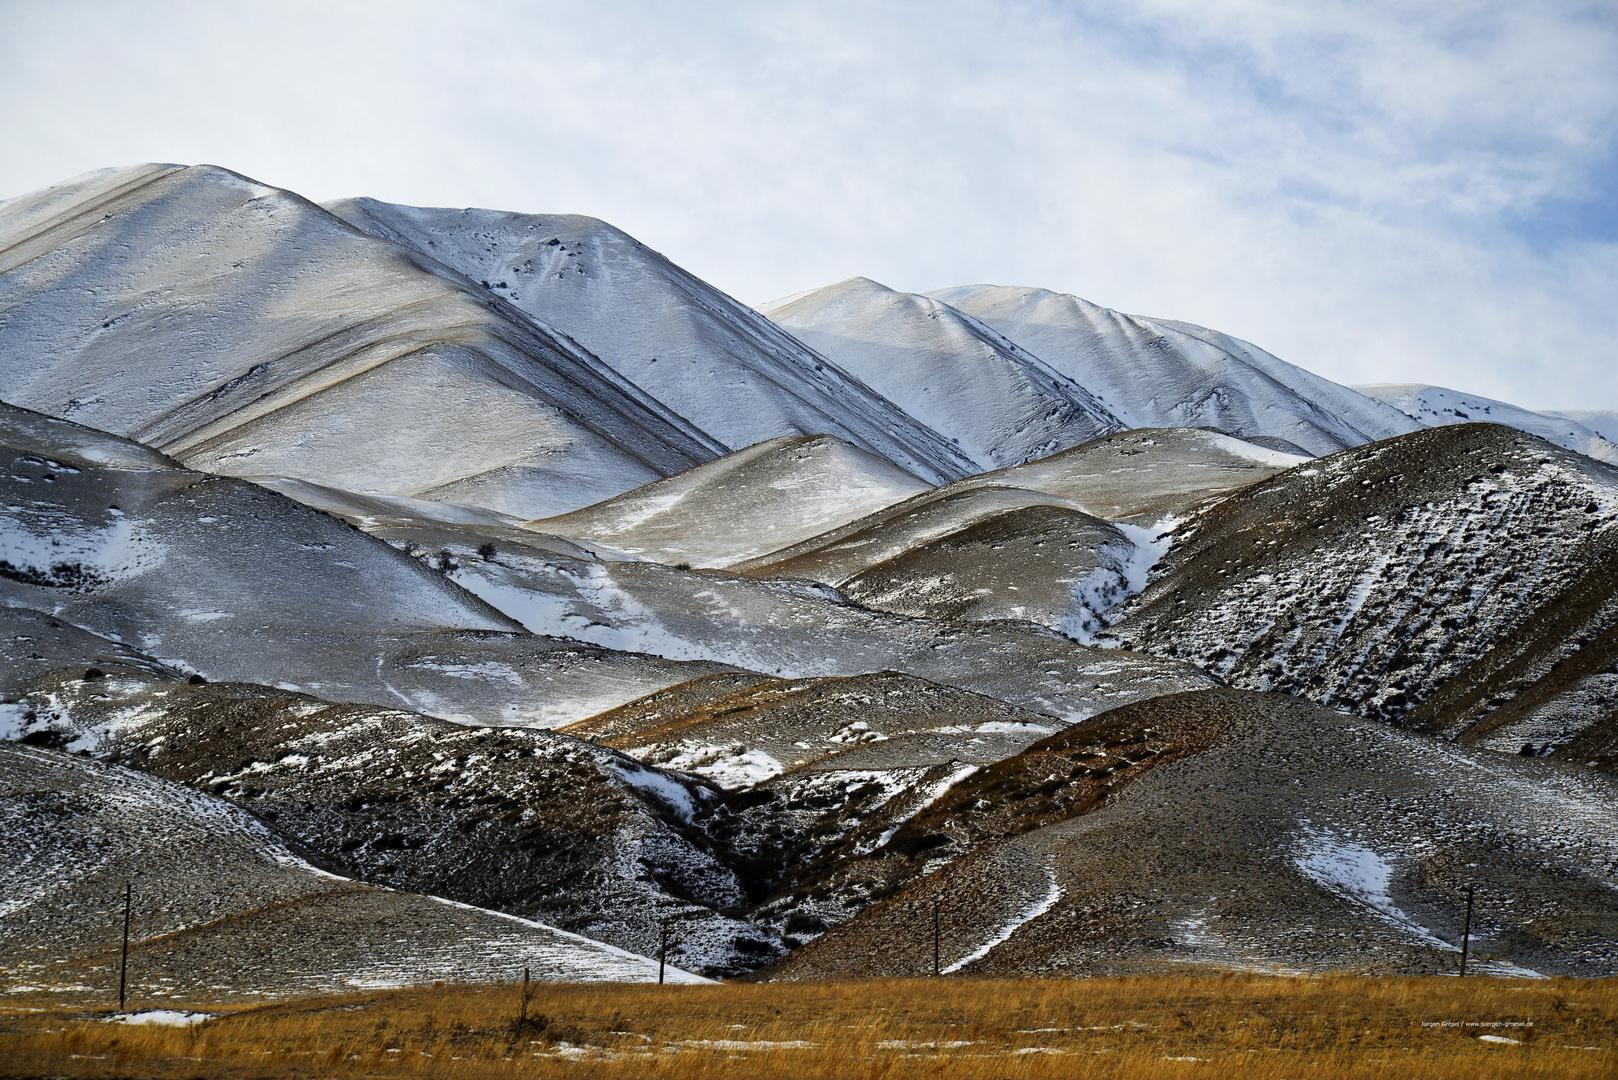 Winter in Kirgisistan 2017